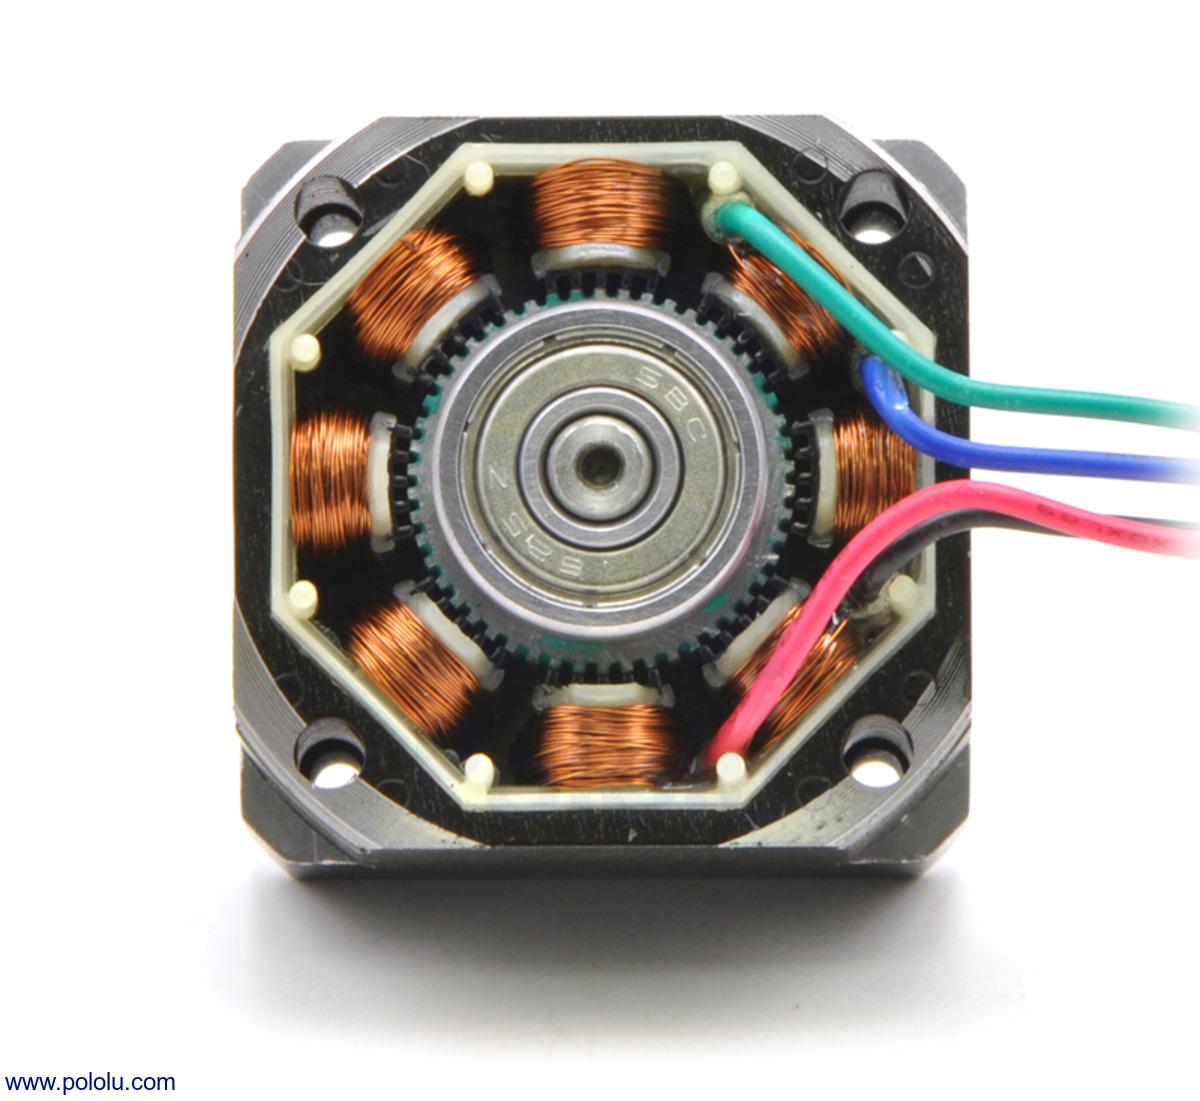 medium resolution of the inside of a bipolar stepper motor